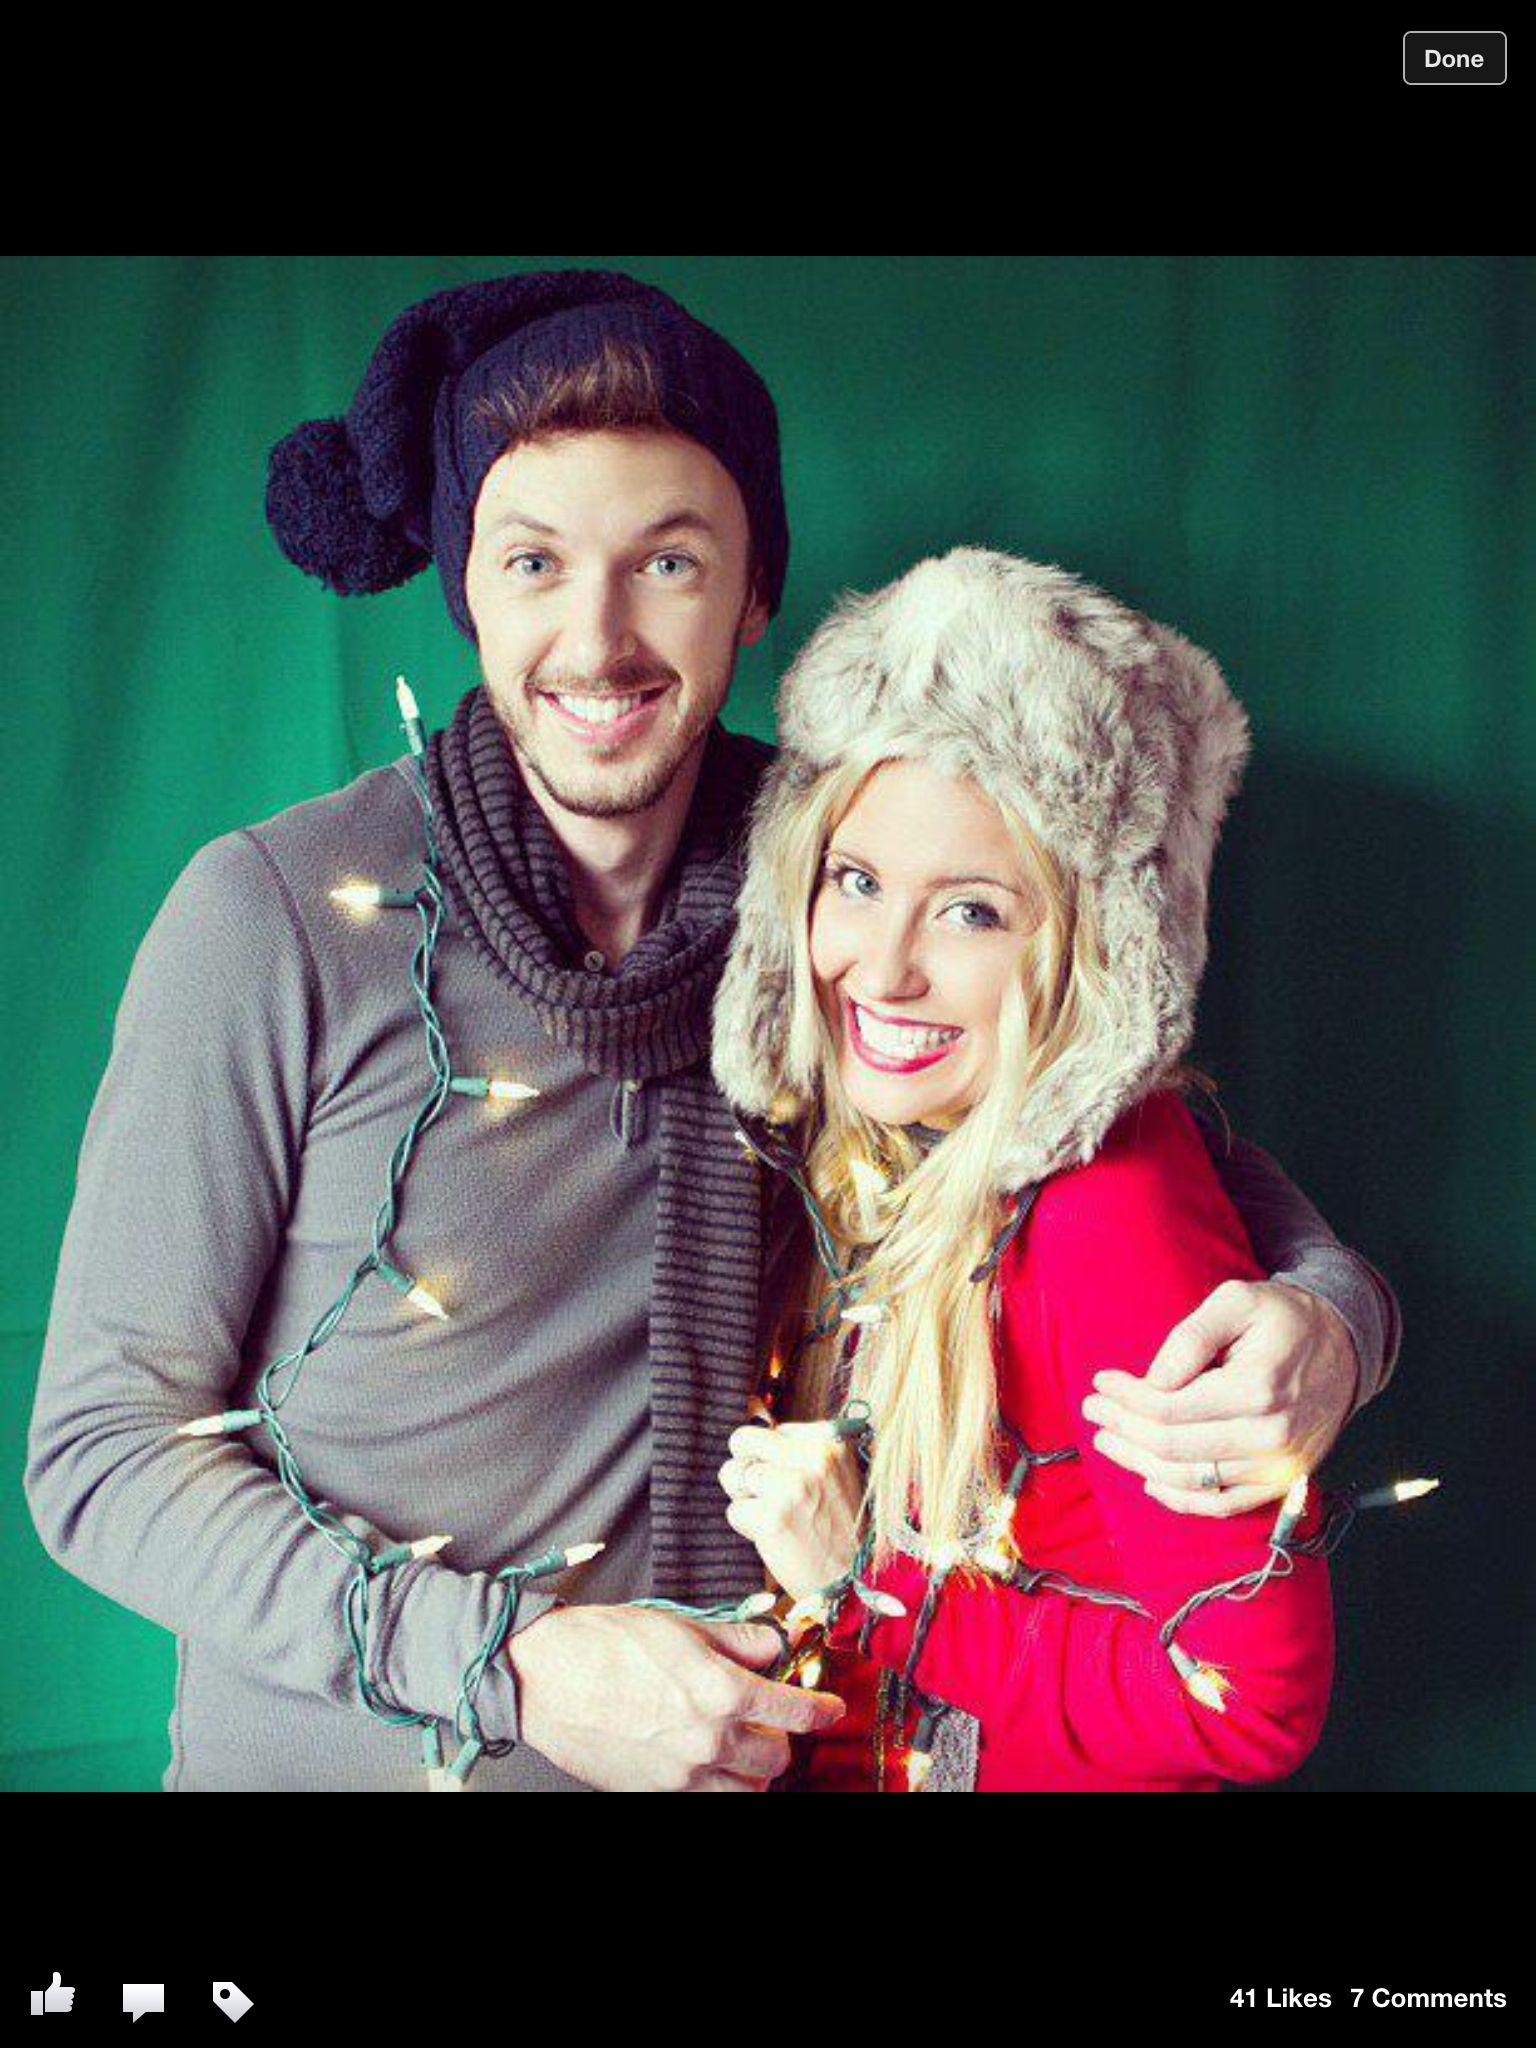 Couple Christmas Christmascard Holidays Lights Photo CreditAppleRose Photography